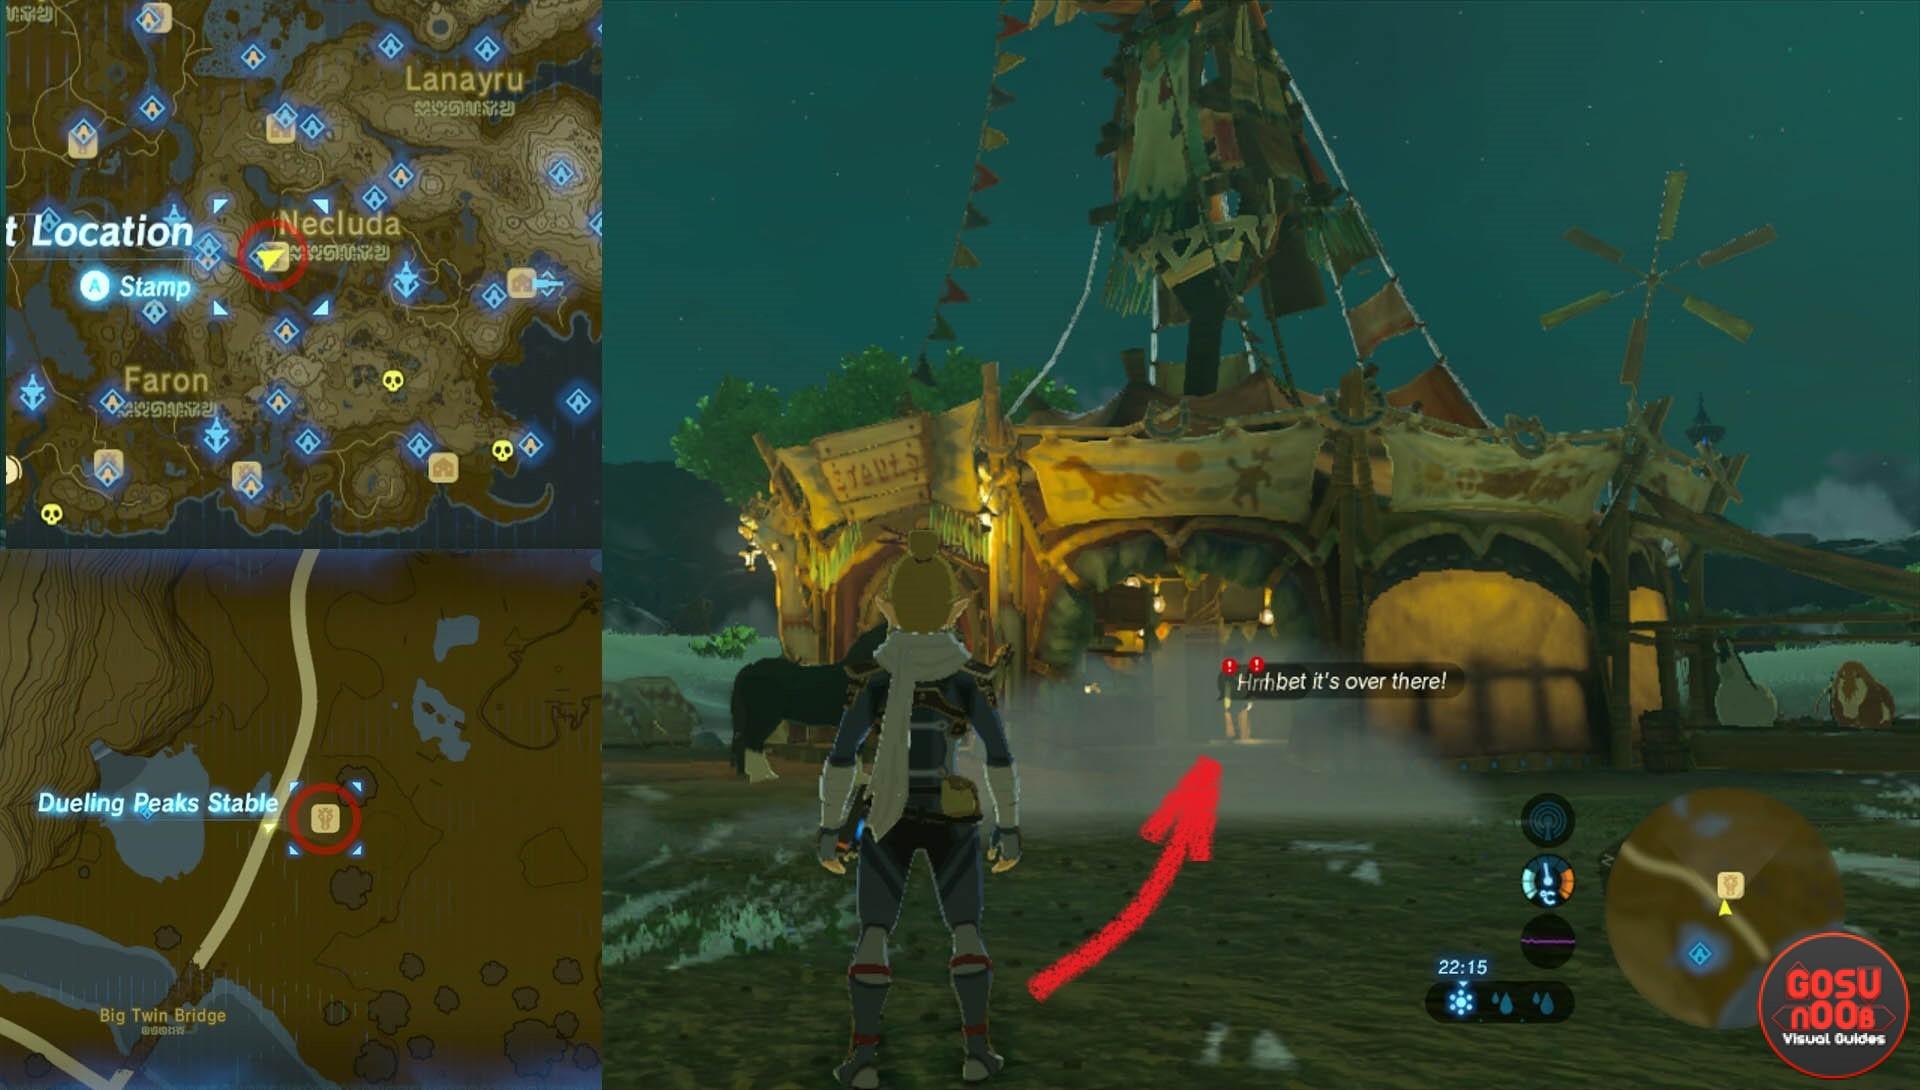 Misko The Great Bandit Zelda >> Zelda BoTW Misko The Great Bandit Side Quest - Treasure ...